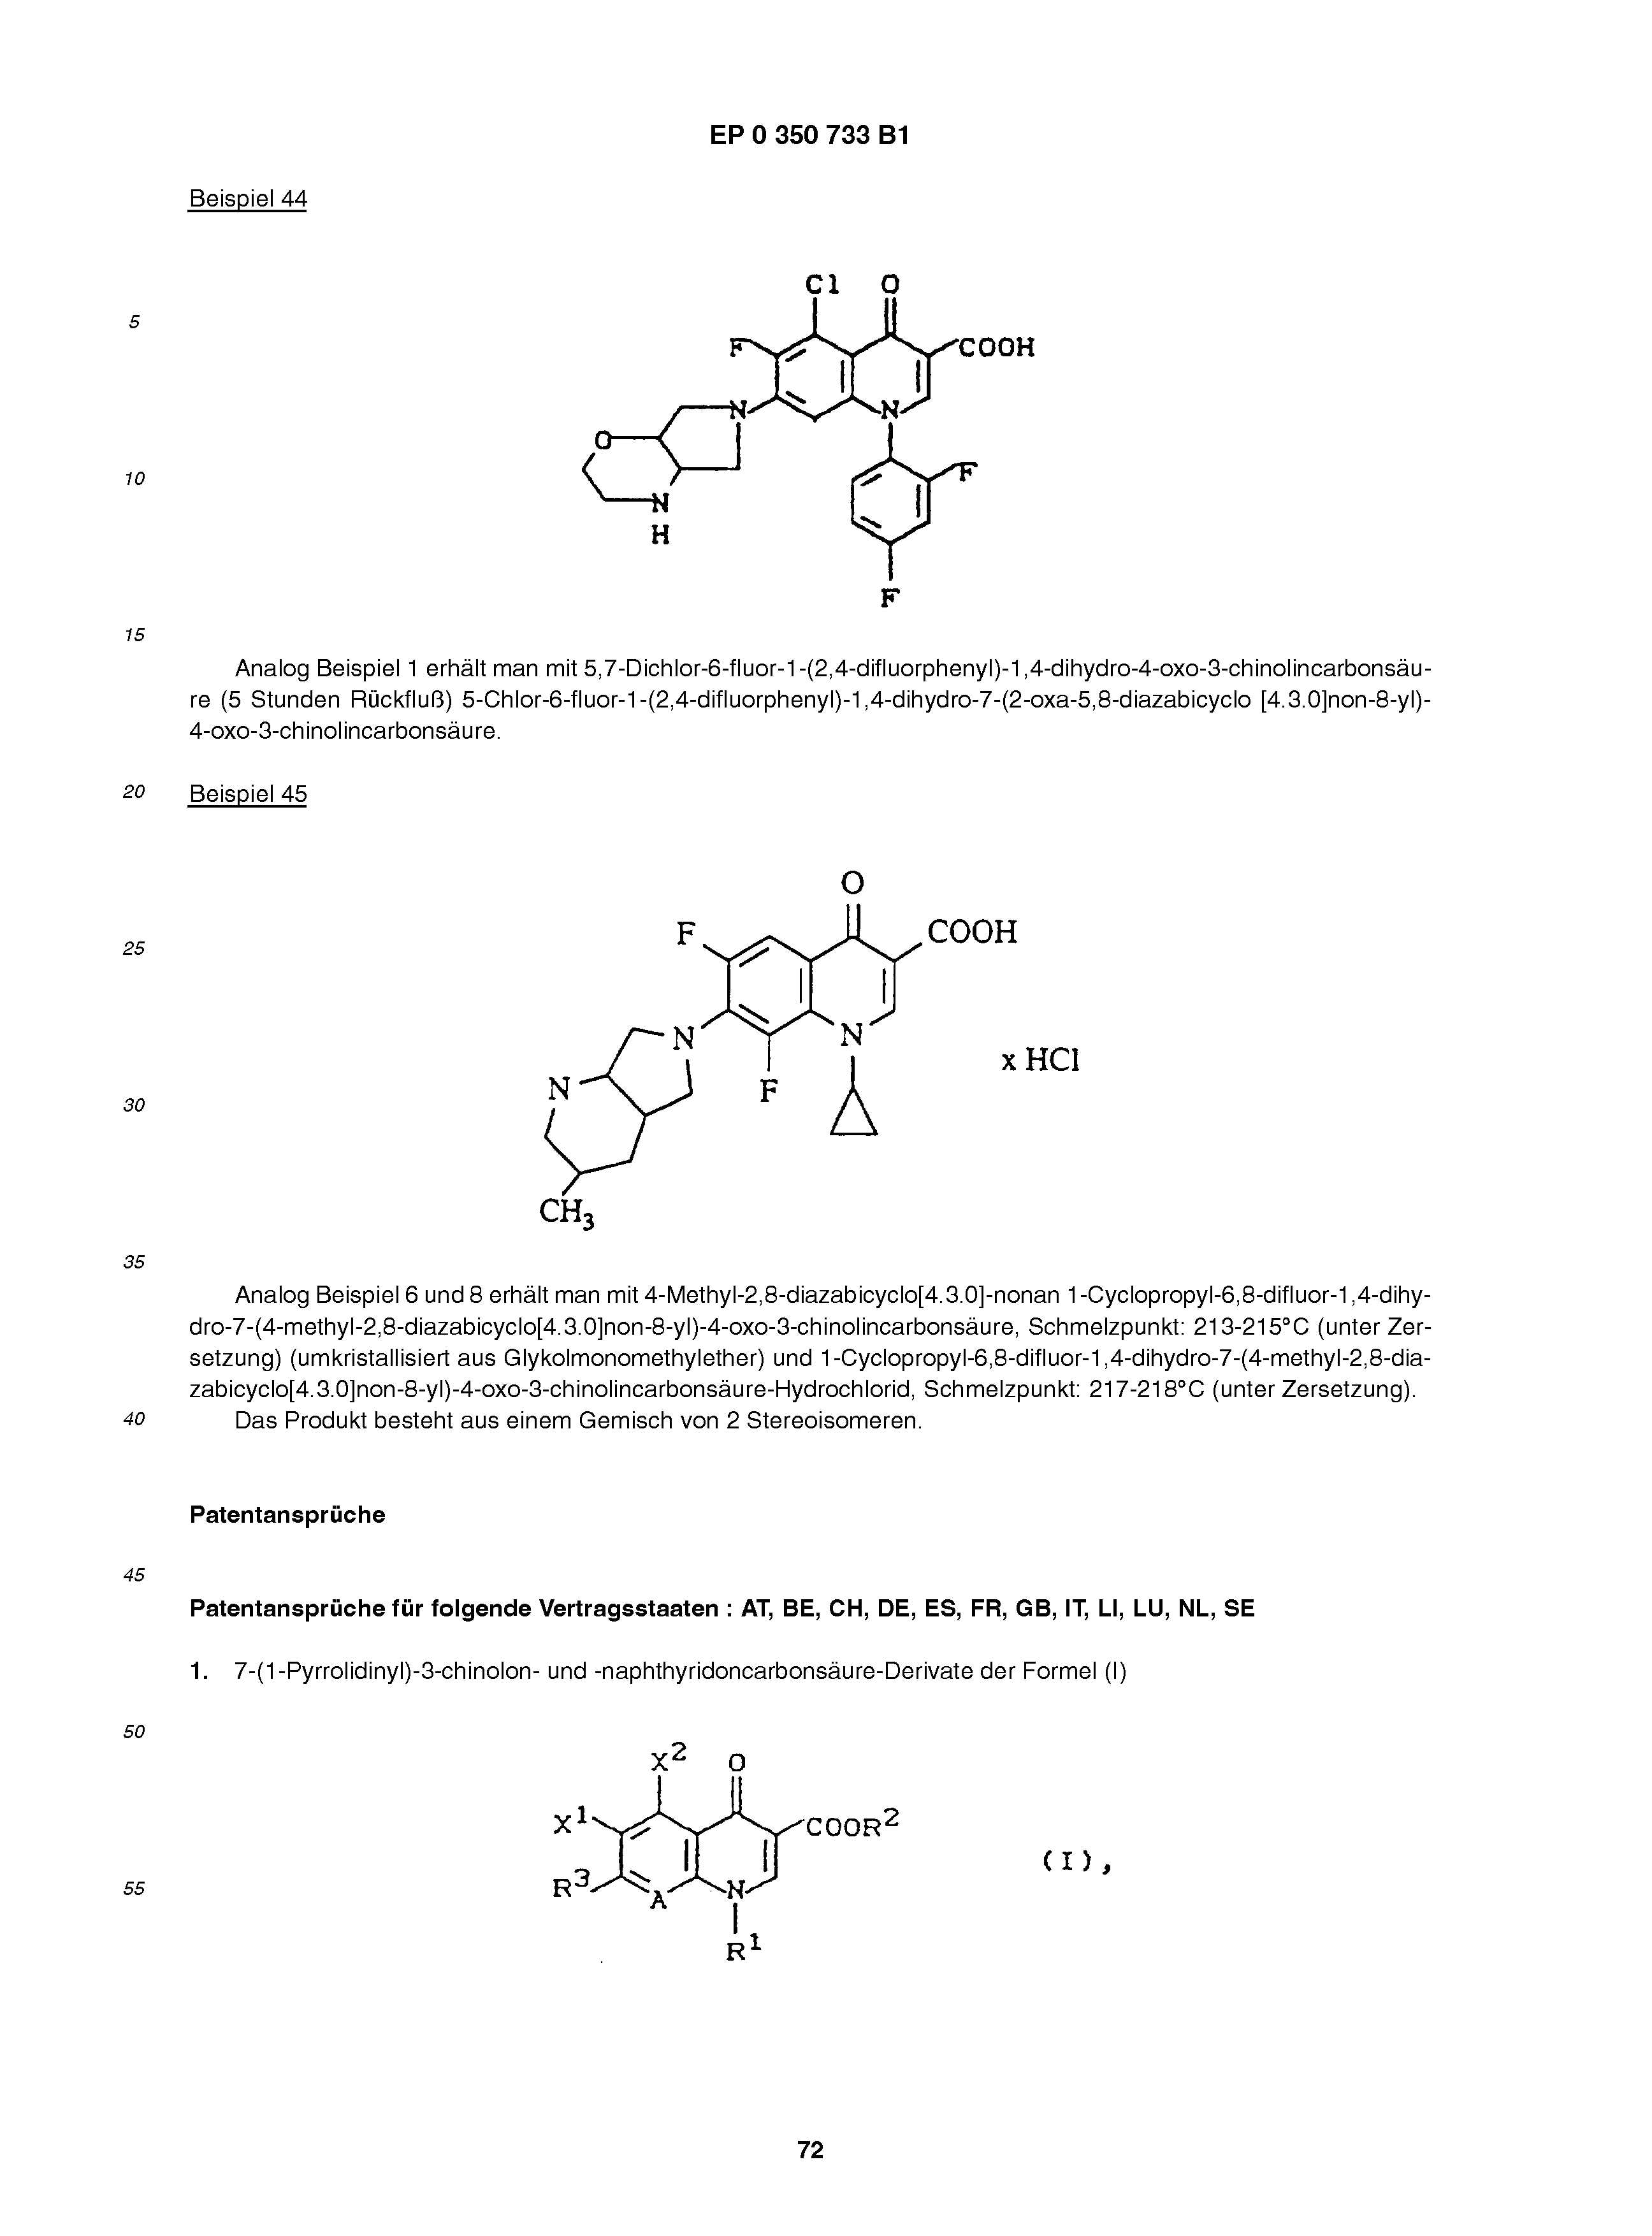 page 72 130 - Derivate Beispiel